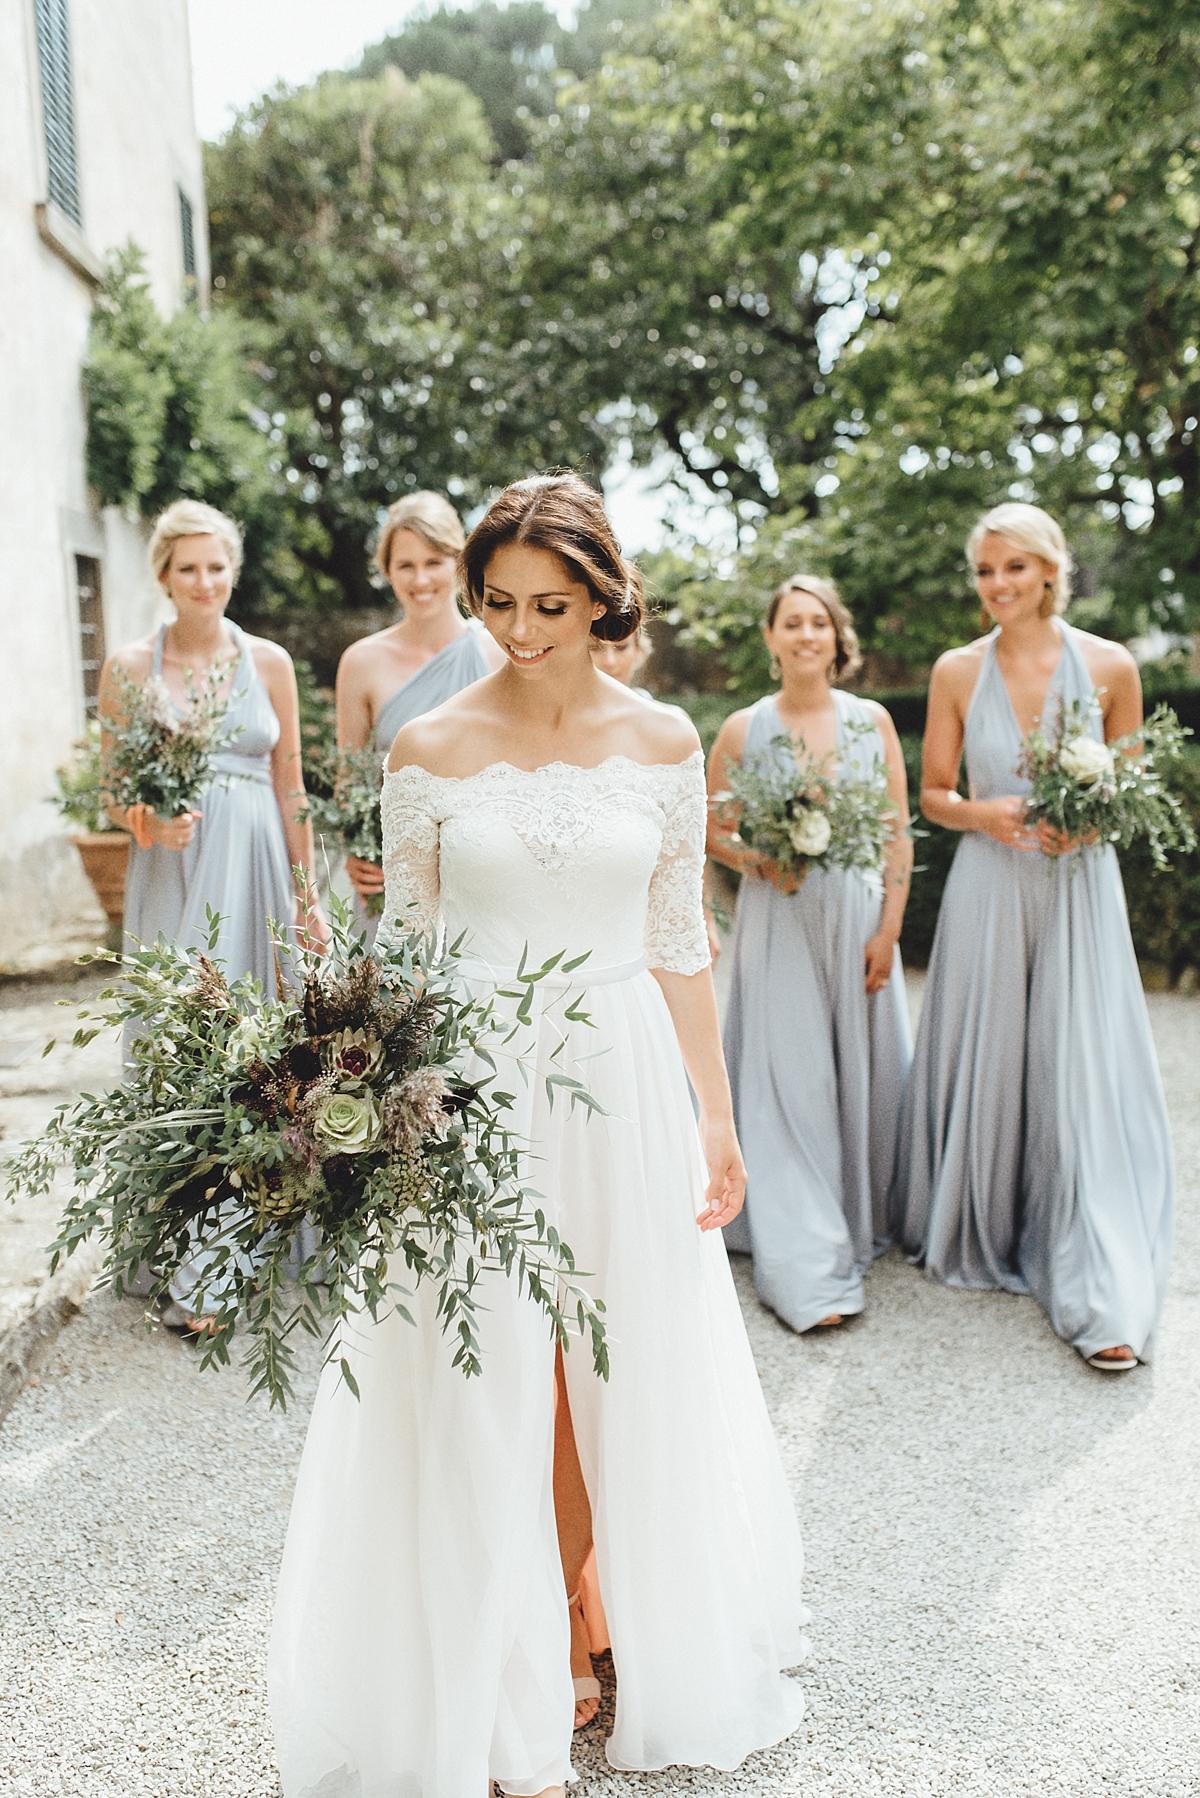 hochzeitsfotograf toskana Kristina & Daniel Mediterrane Toskana Hochzeithochzeitsfotograf toskana italien 2185